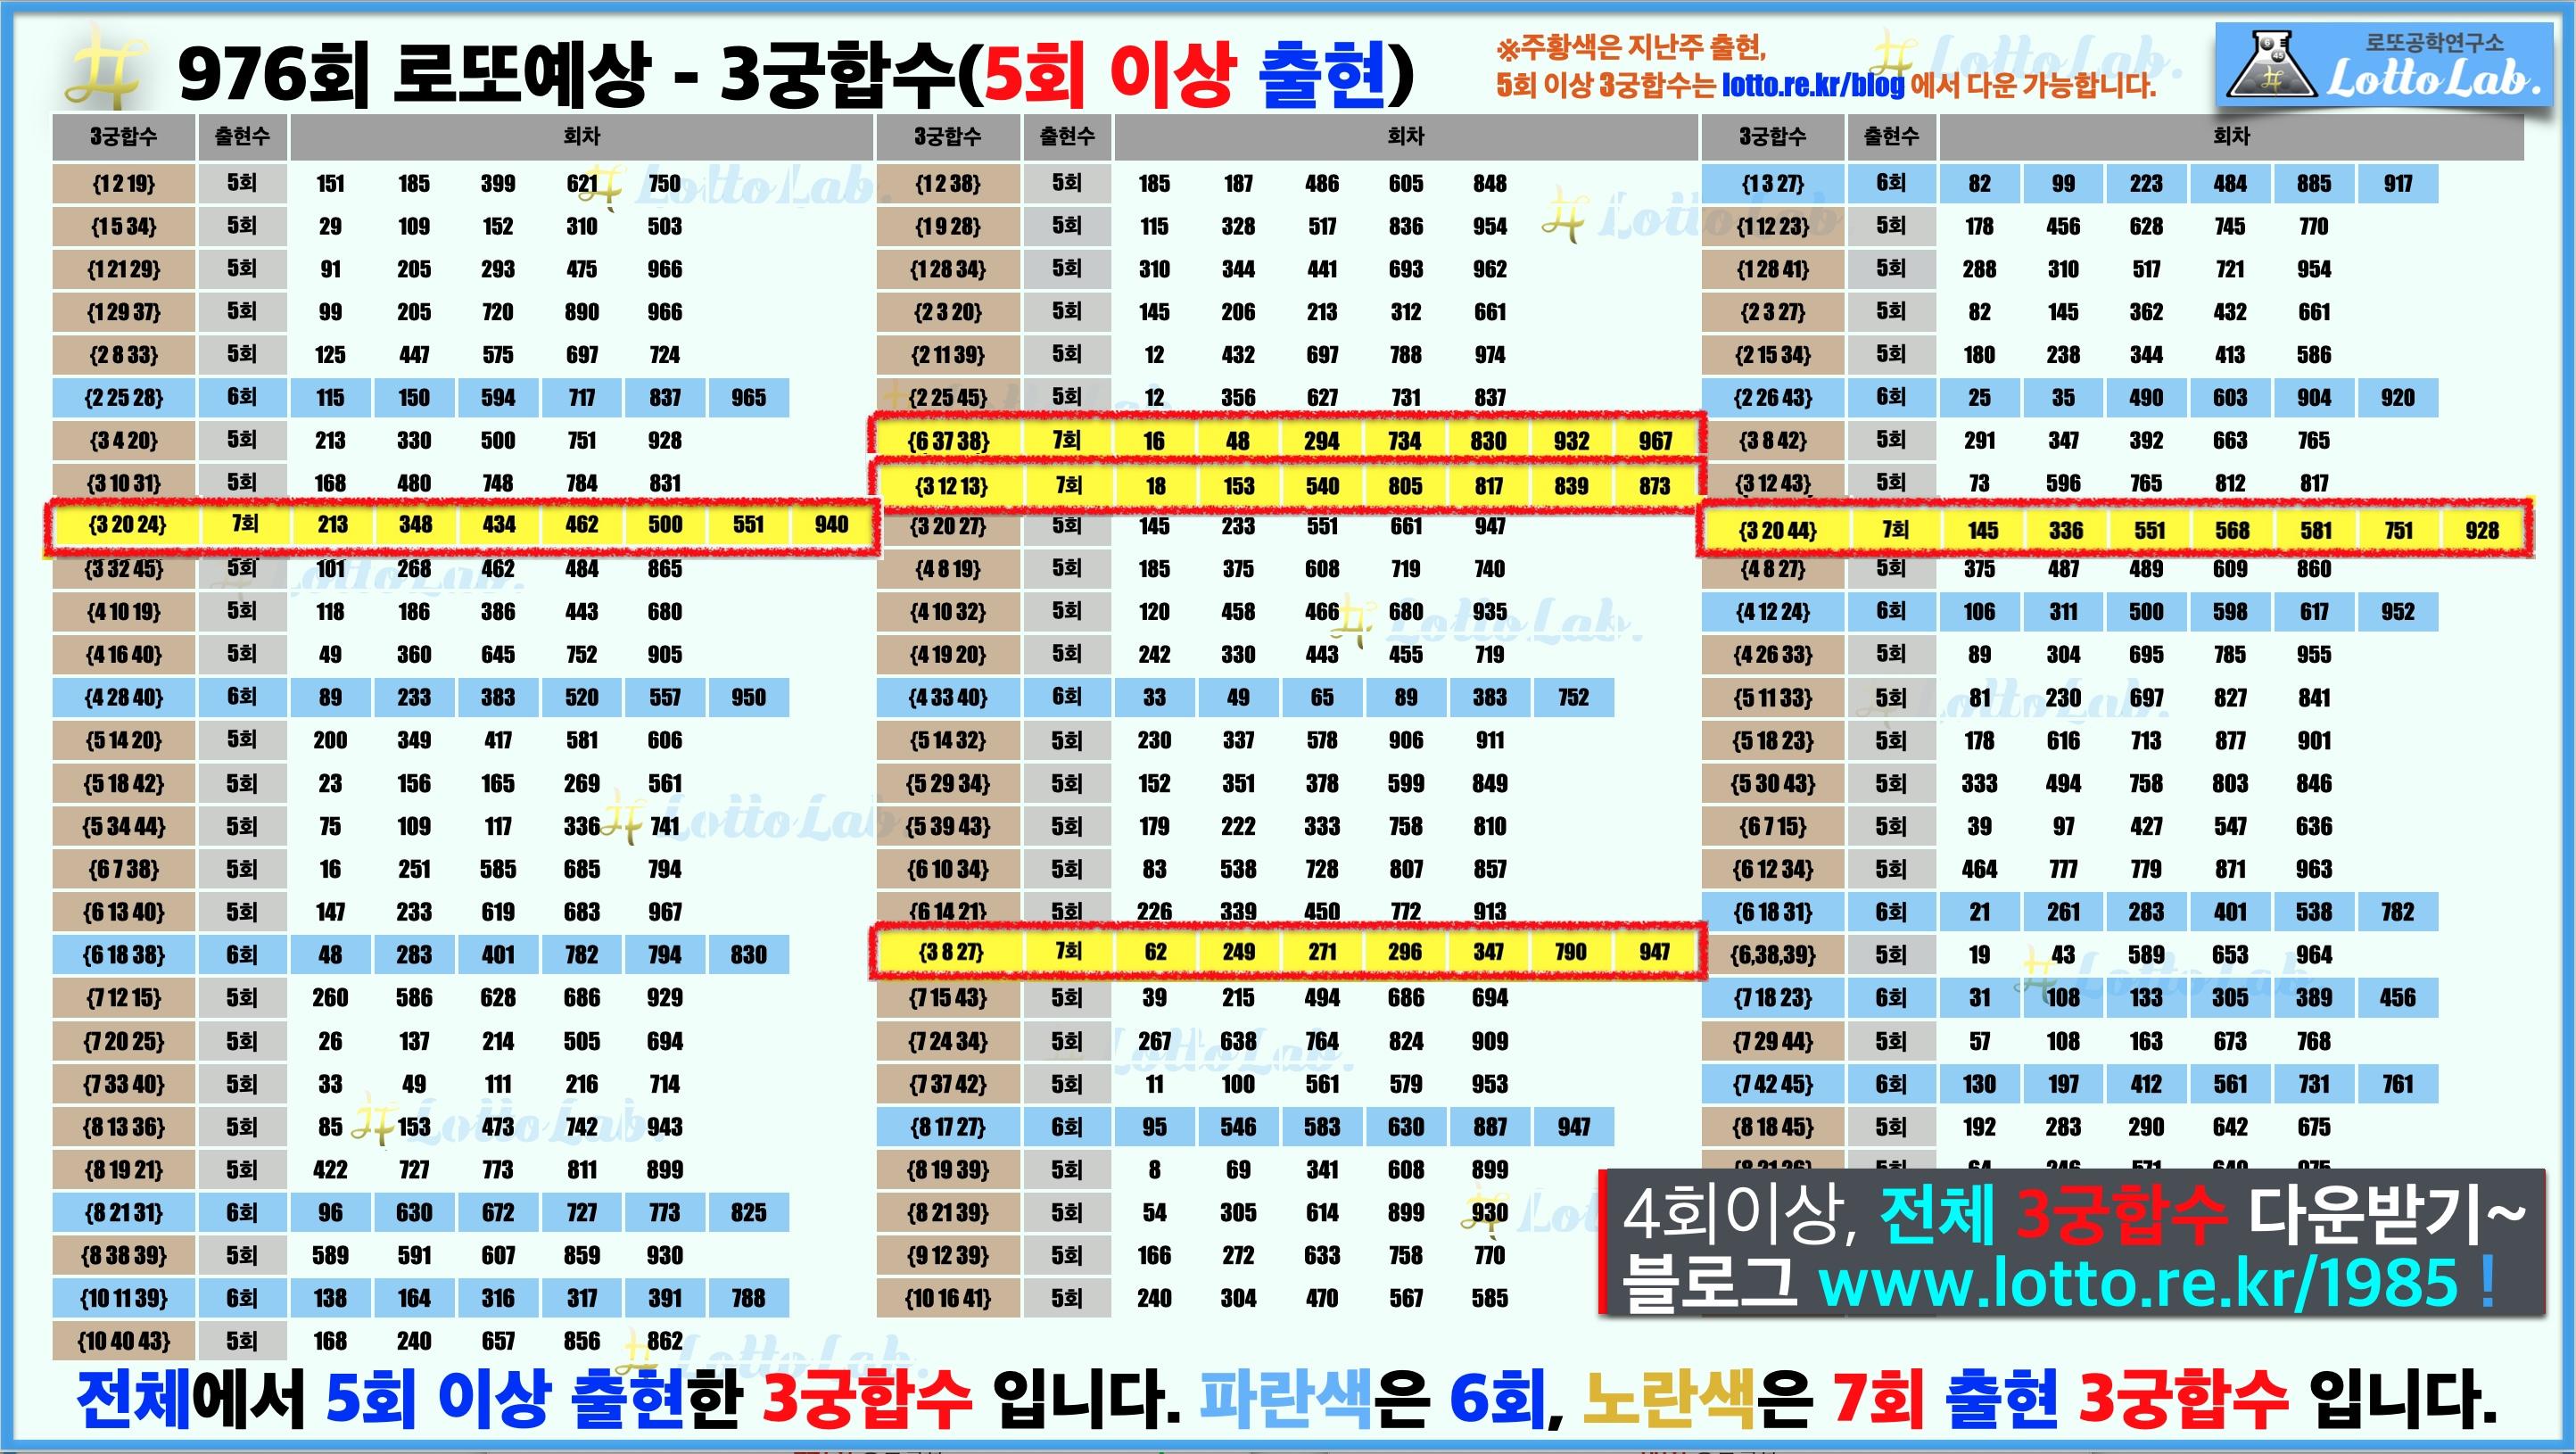 로또랩 로또976 당첨 번호 예상 - 3궁합수1